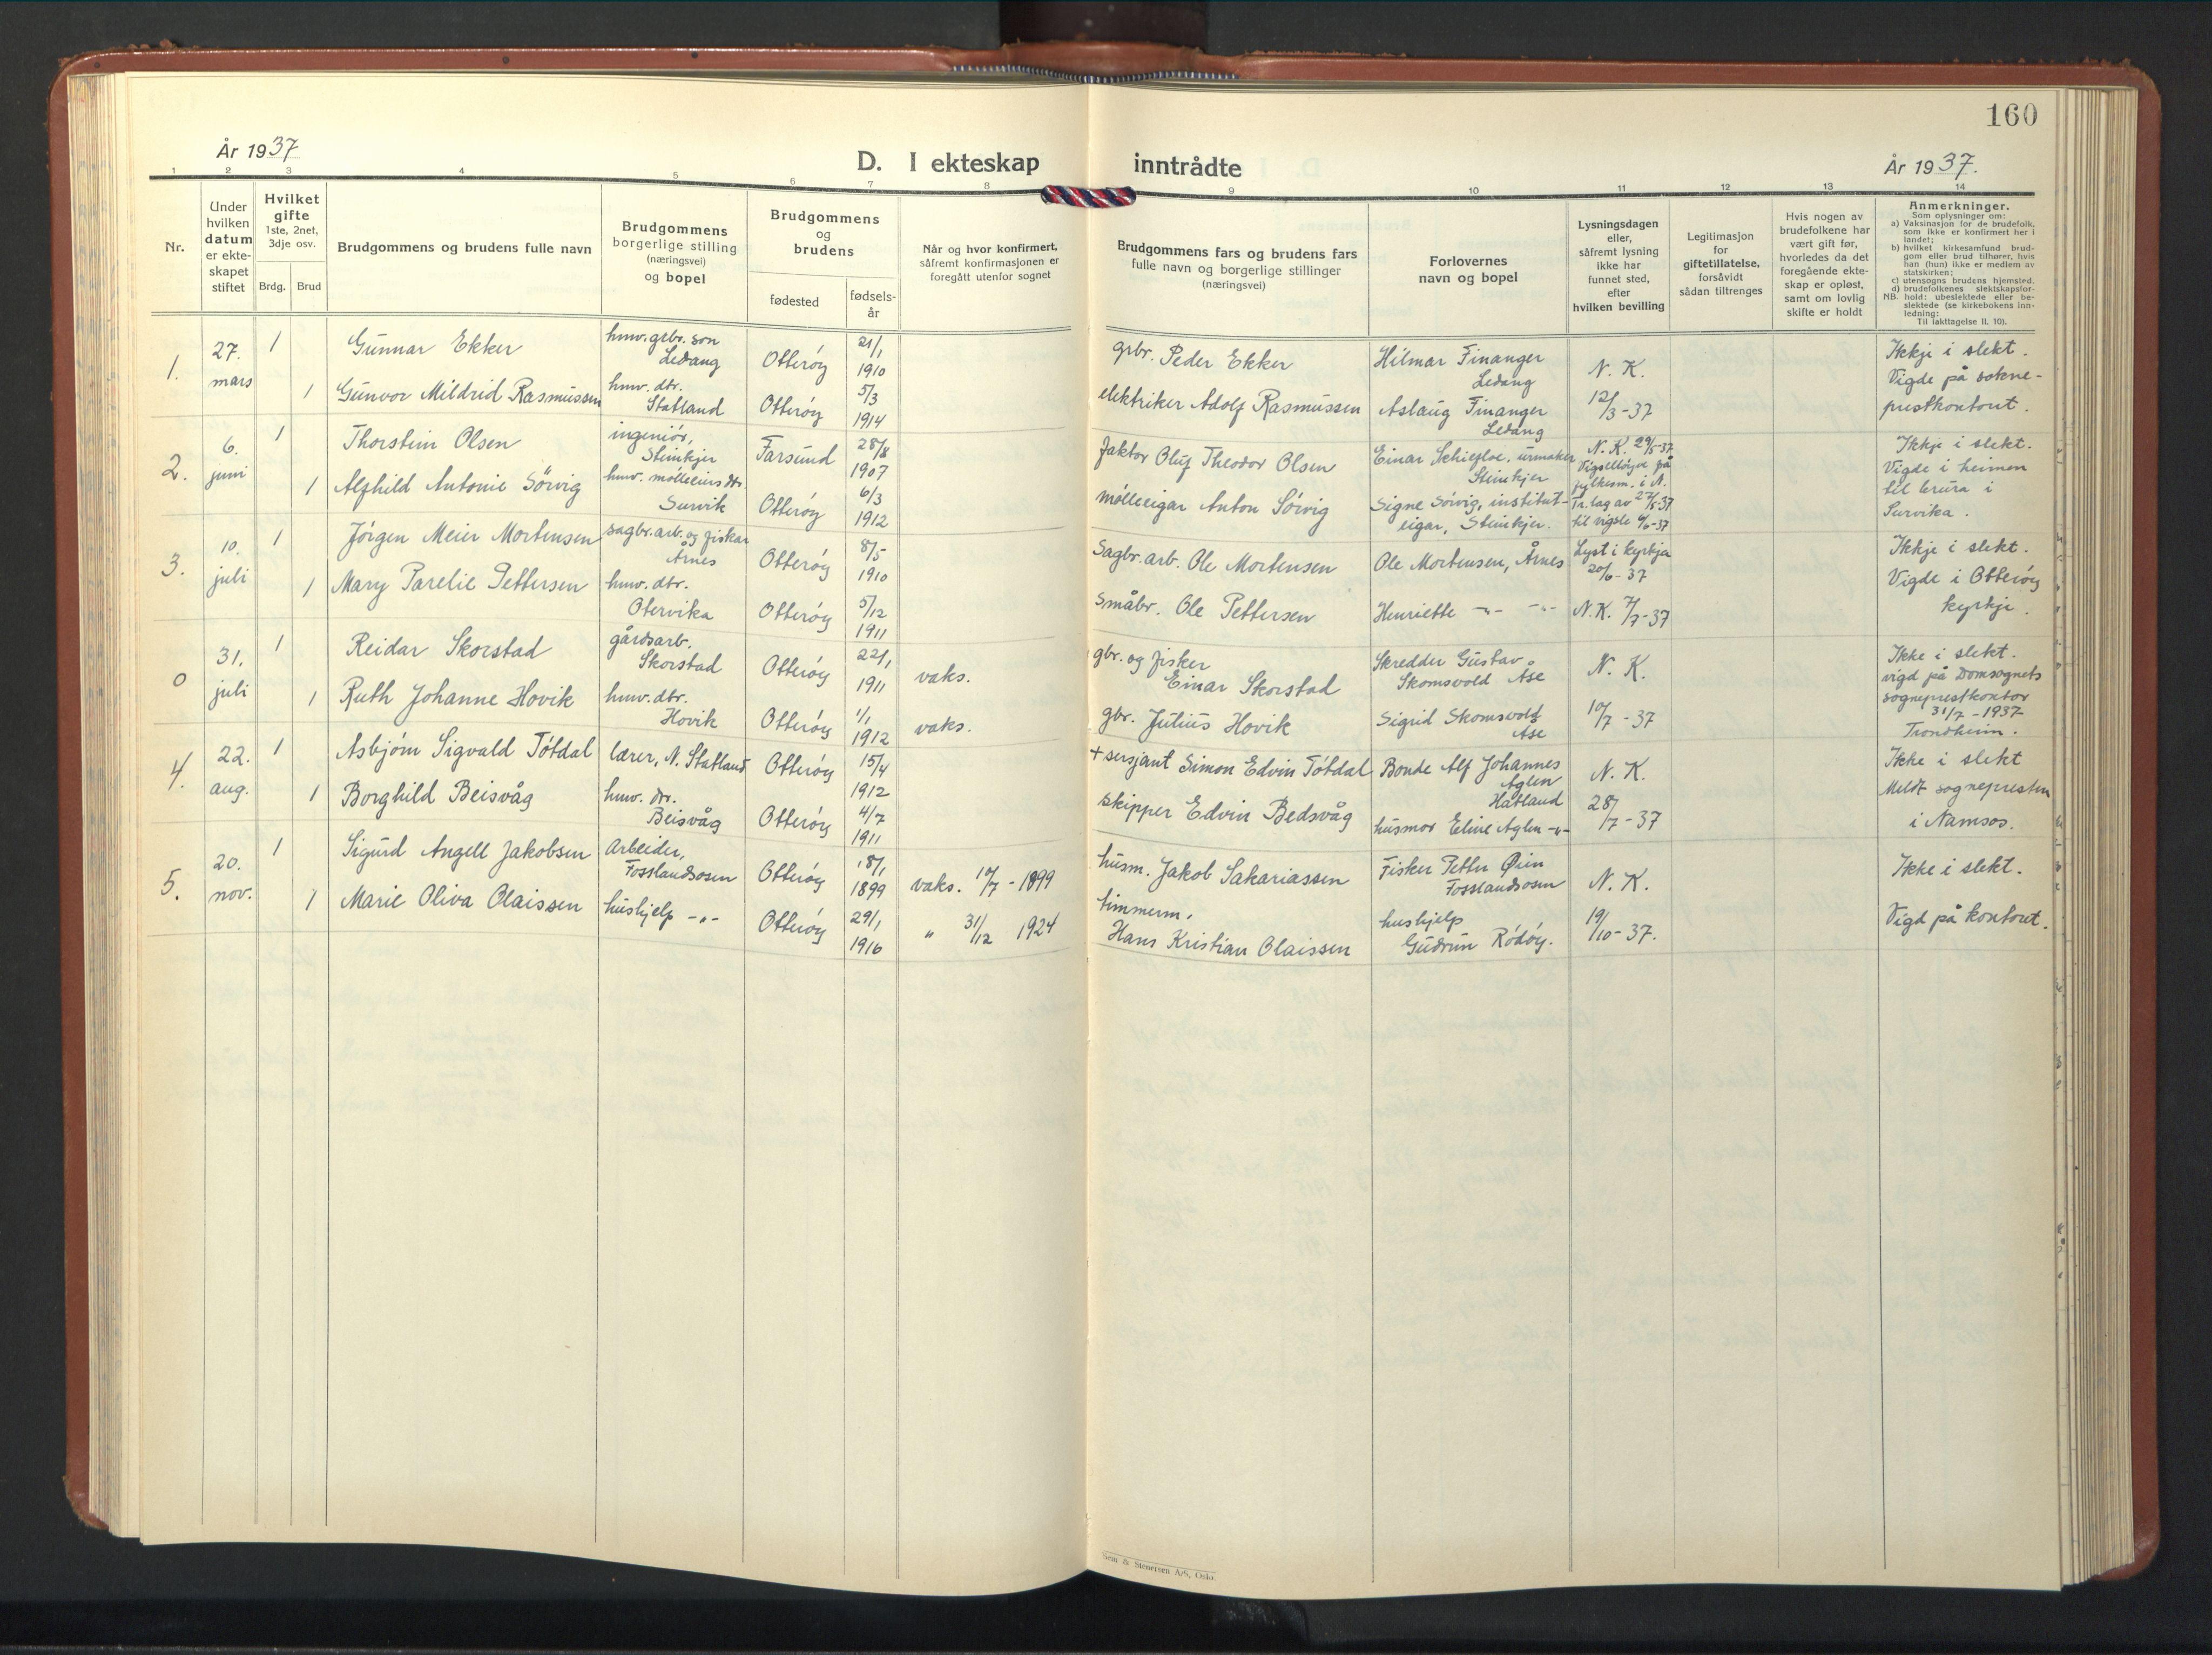 SAT, Ministerialprotokoller, klokkerbøker og fødselsregistre - Nord-Trøndelag, 774/L0631: Klokkerbok nr. 774C02, 1934-1950, s. 160